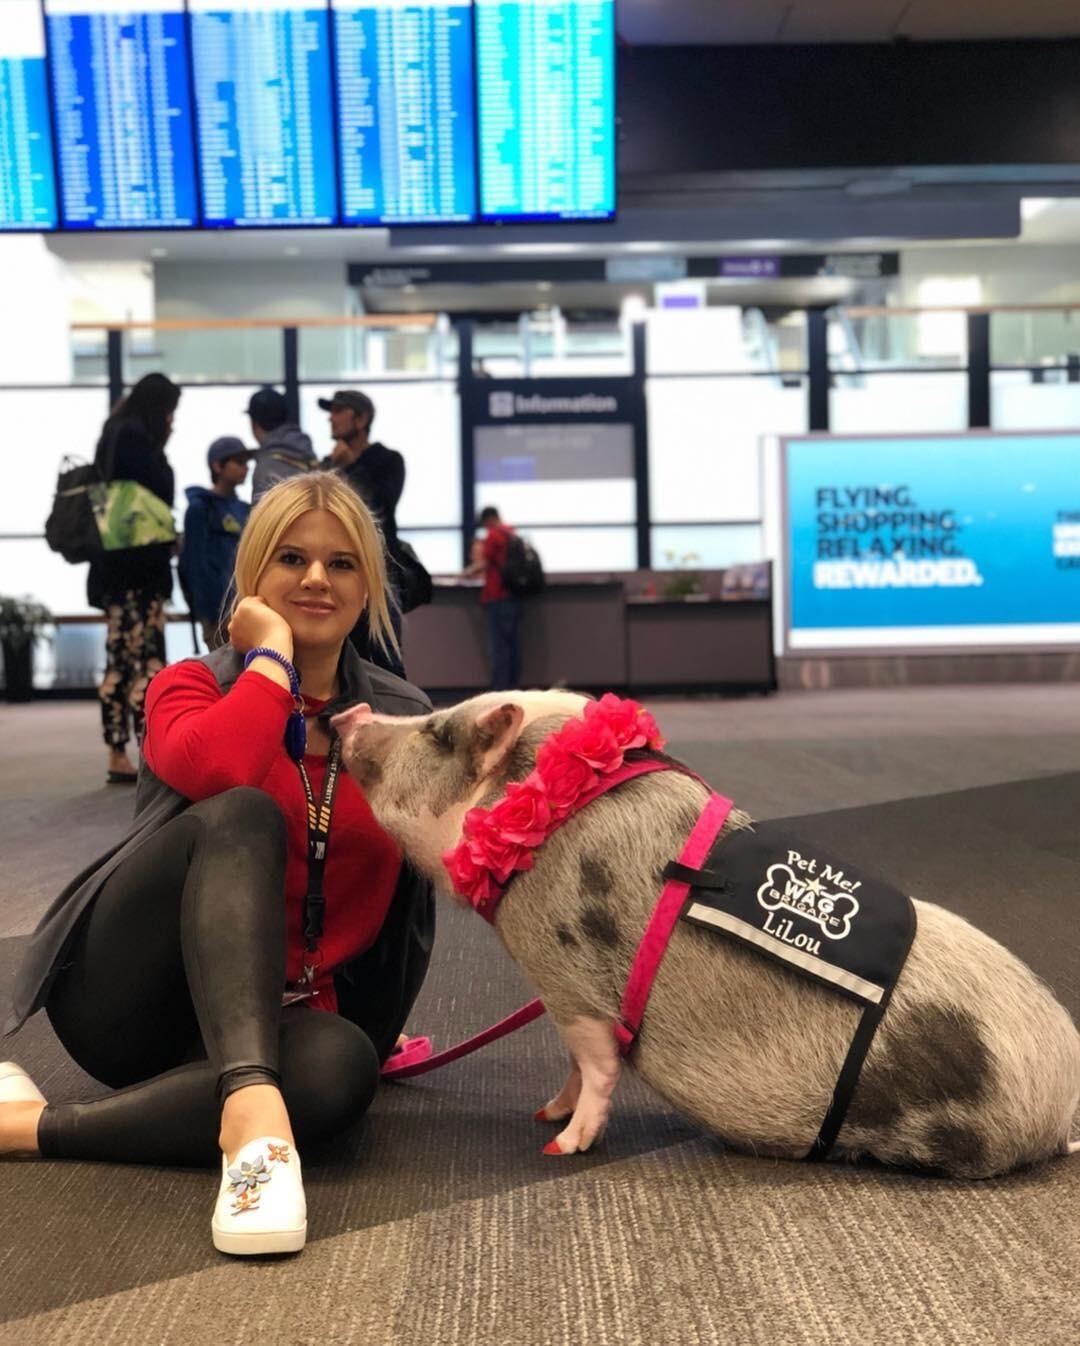 В аэропорту Сан-Франциско появилась свинья-терапевт (очень милое видео)